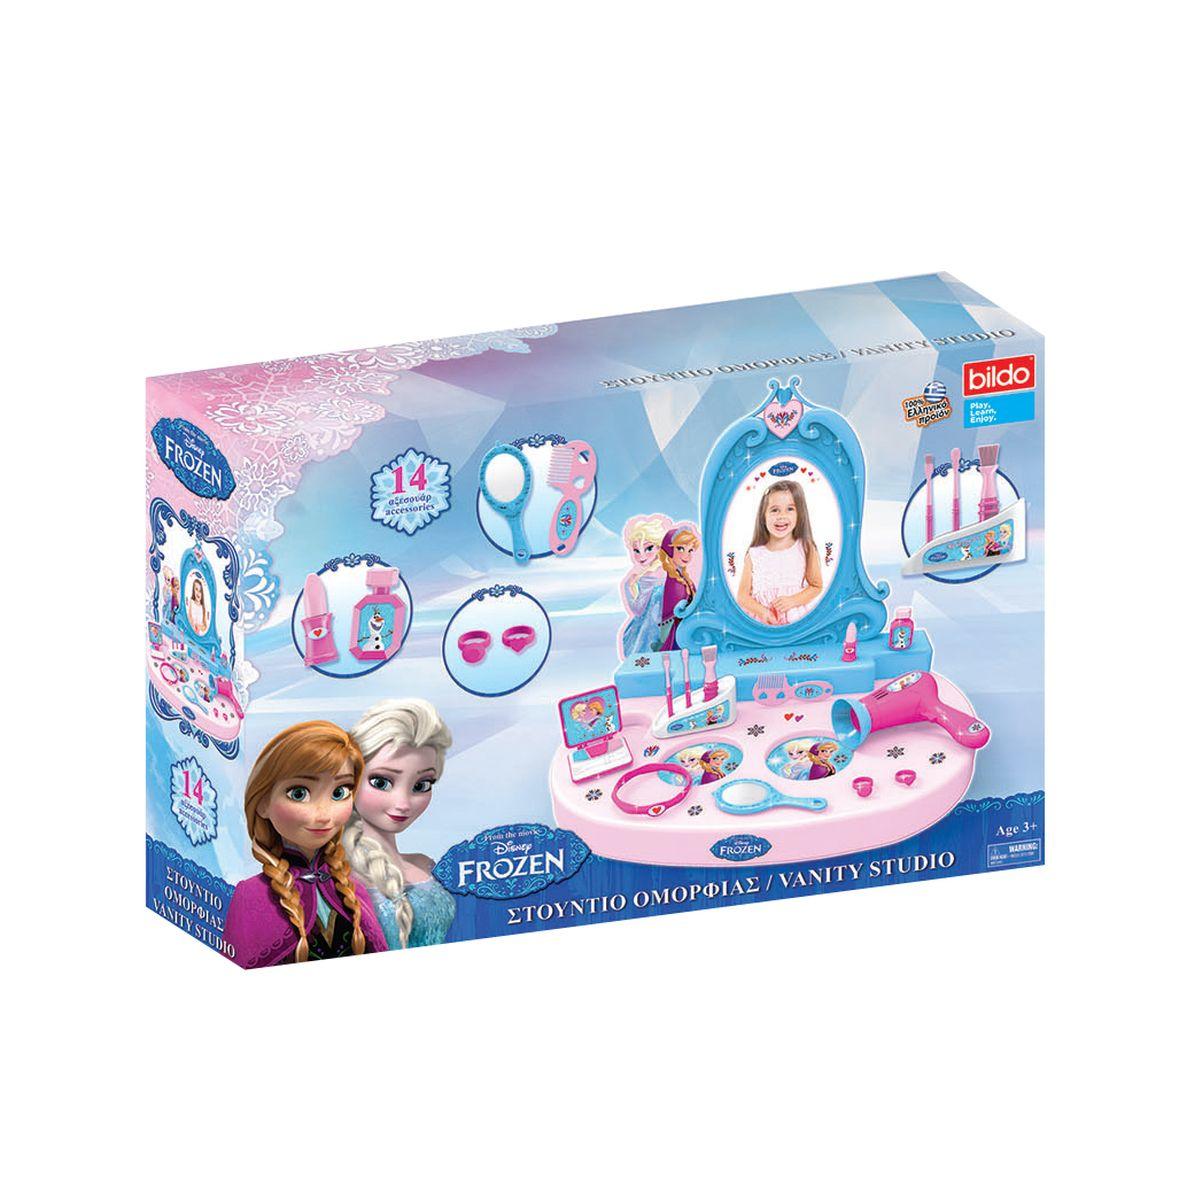 Bildo Игровой набор Парикмахерская Холодное сердце 14 предметов подарок девочке на 7 лет